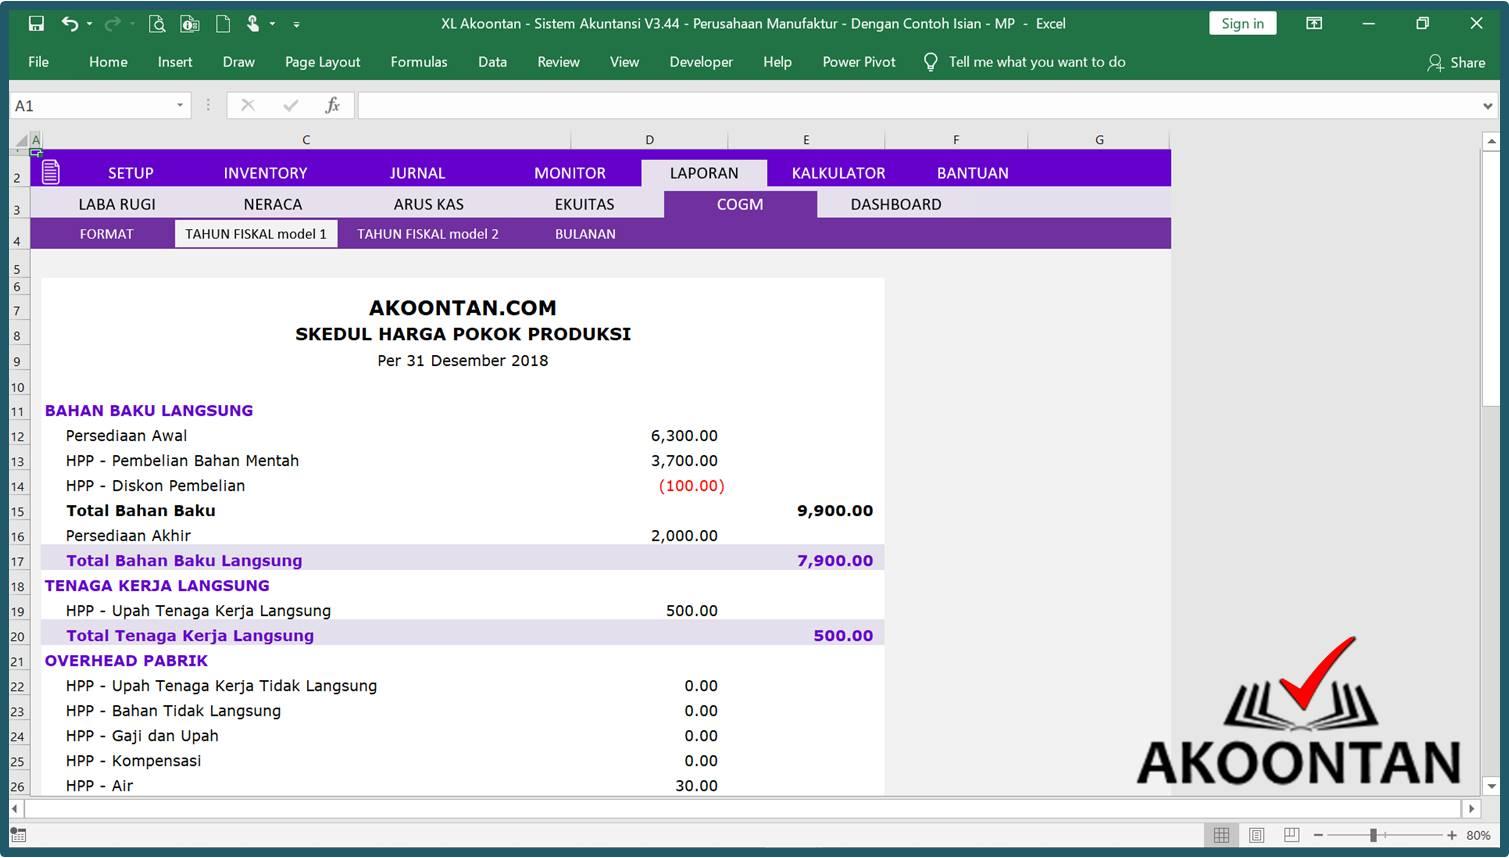 Excel Akuntansi Perusahaan Manufaktur